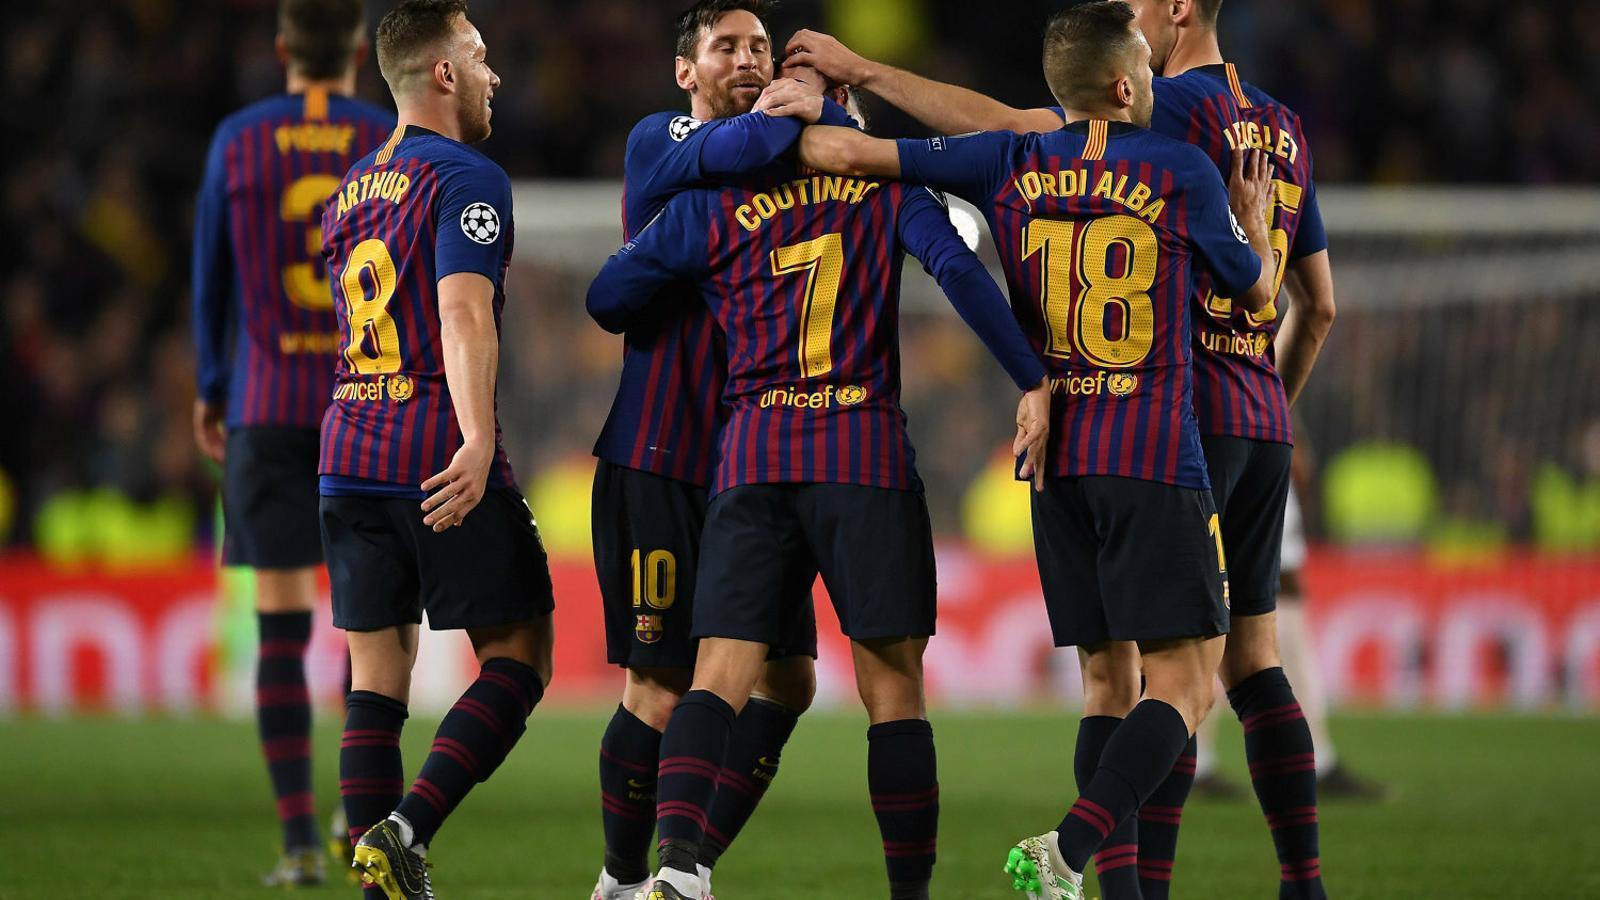 Els jugadors del Barça abraçant-se per celebrar el gol de Coutinho contra el United.